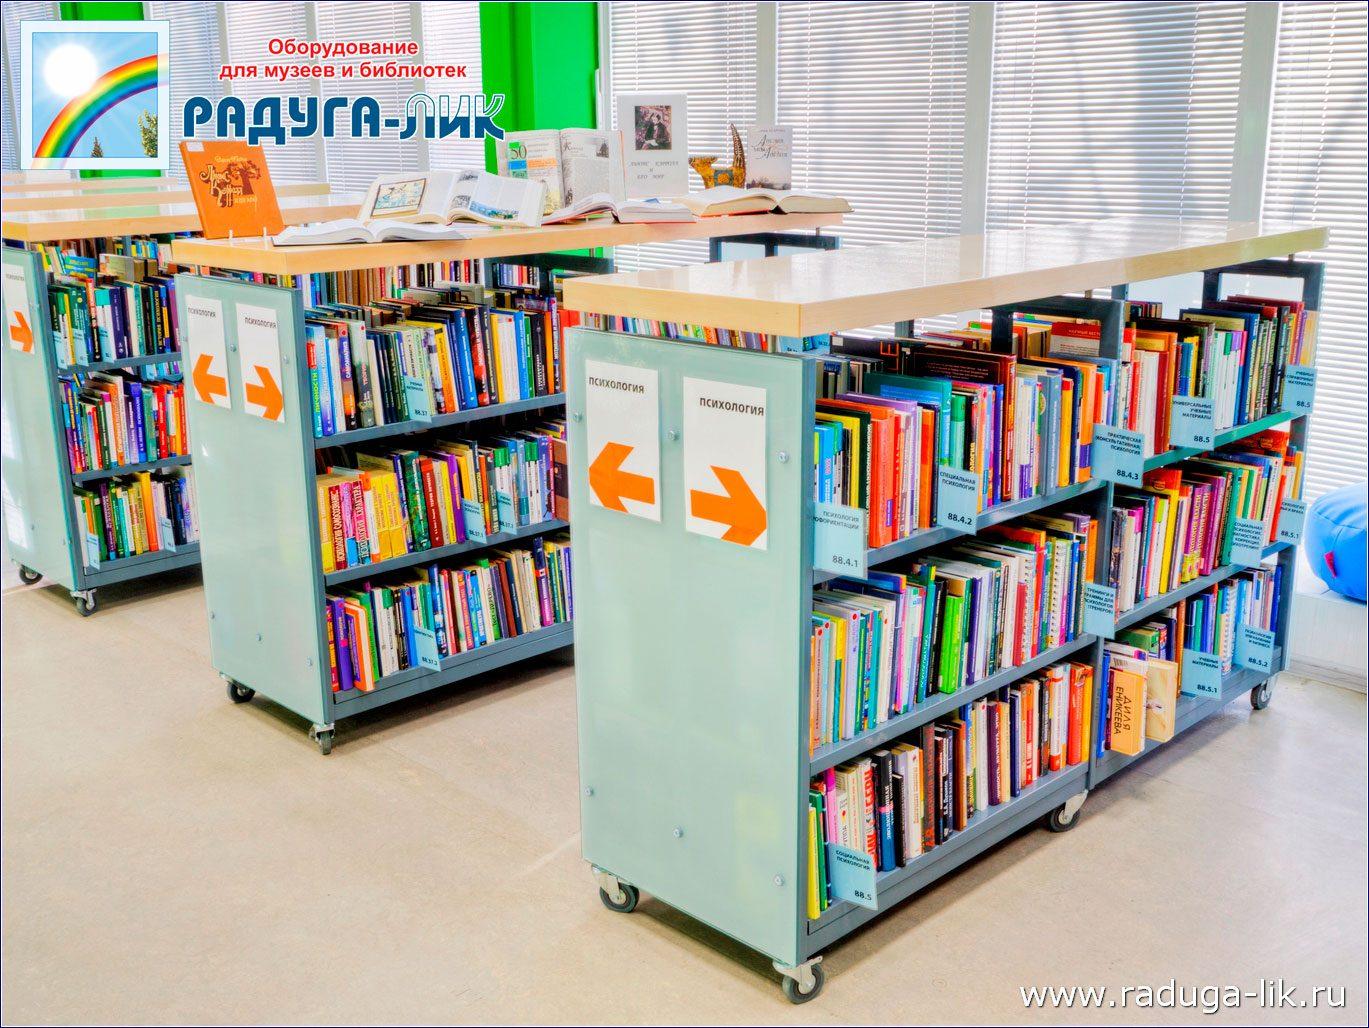 Разделители для книг в библиотеке скачать